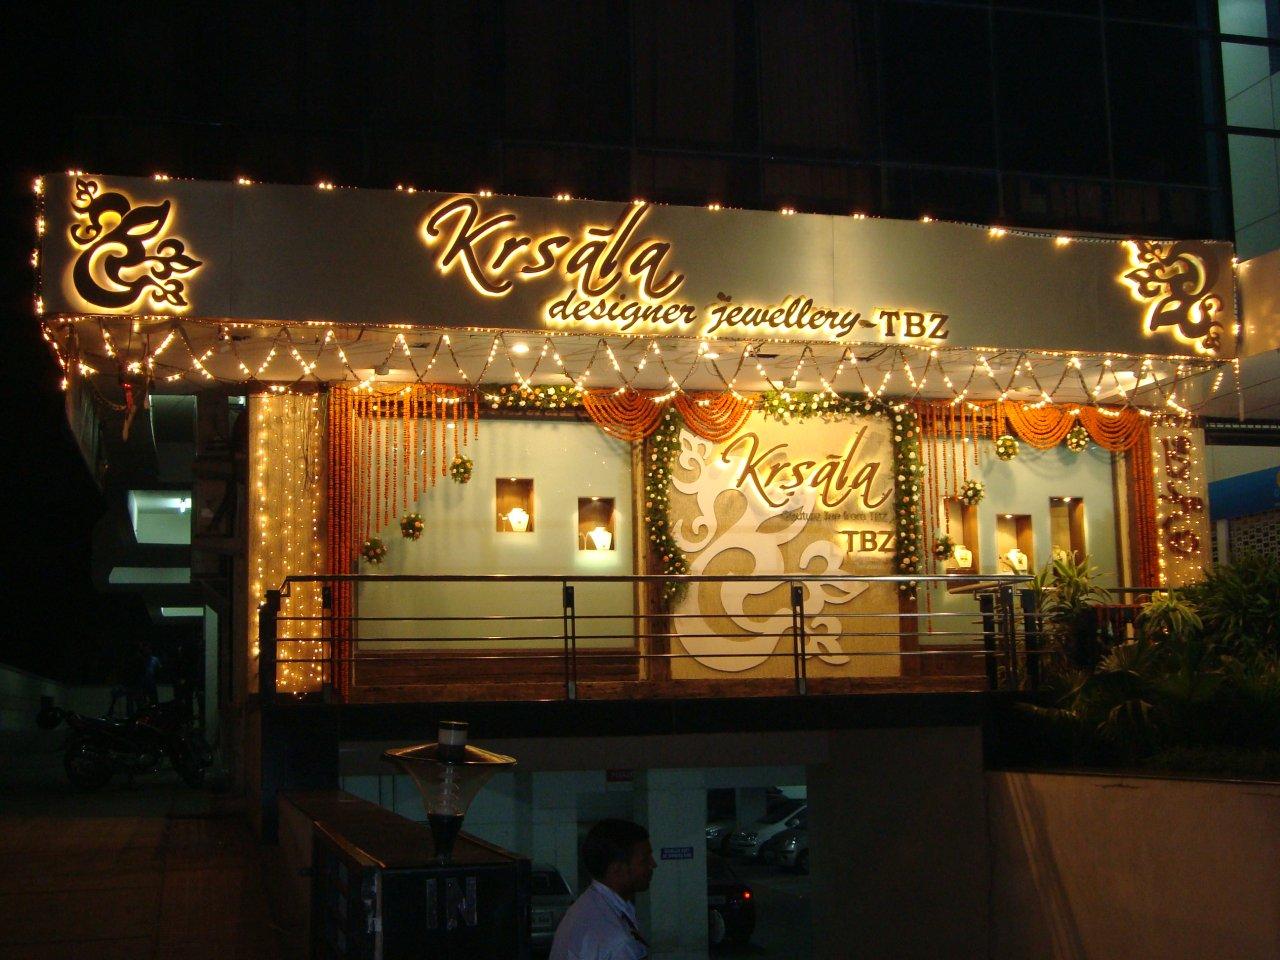 Krsala Designer Jewellery